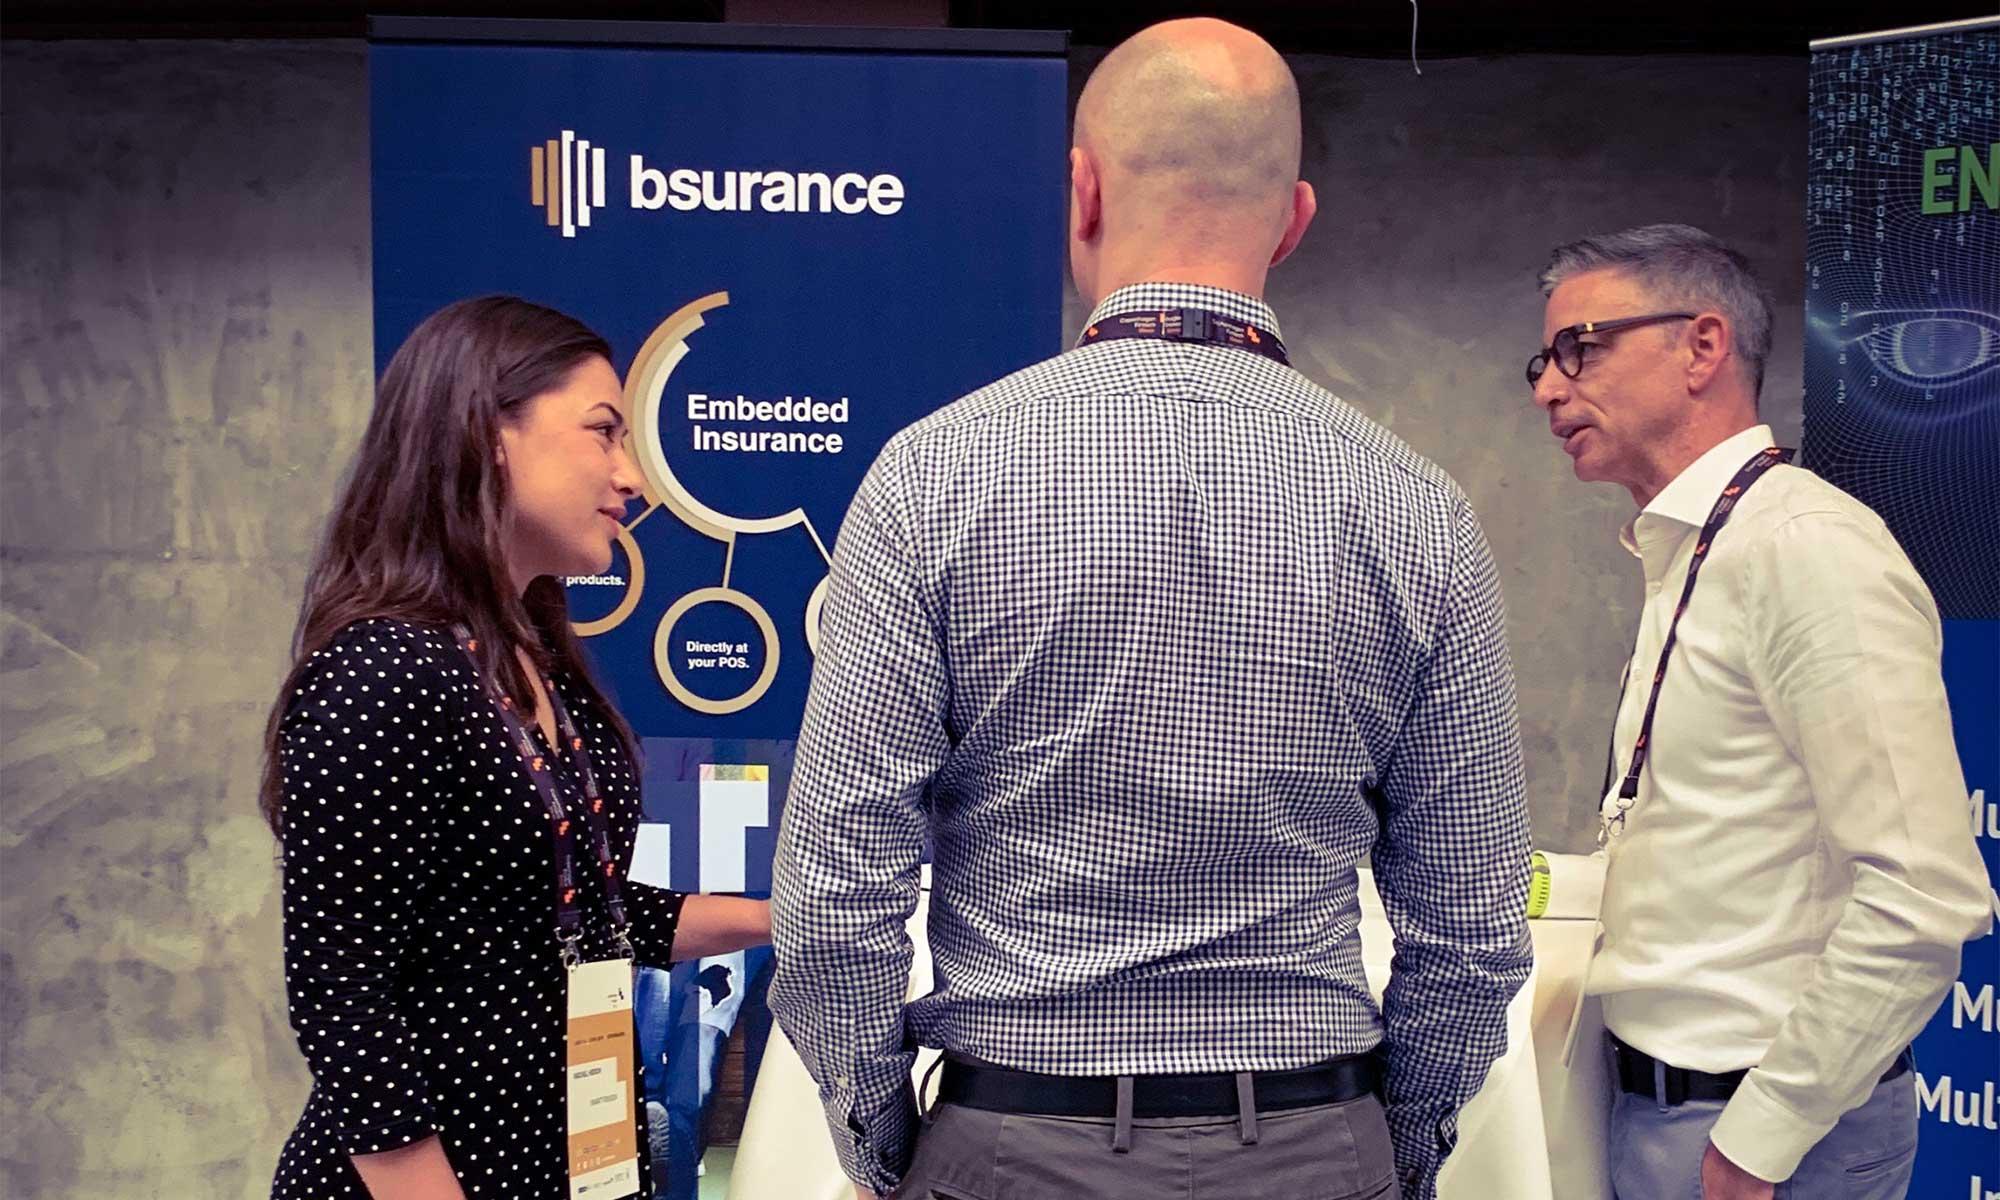 Copenhagen FinTech Week 2019 bsurance